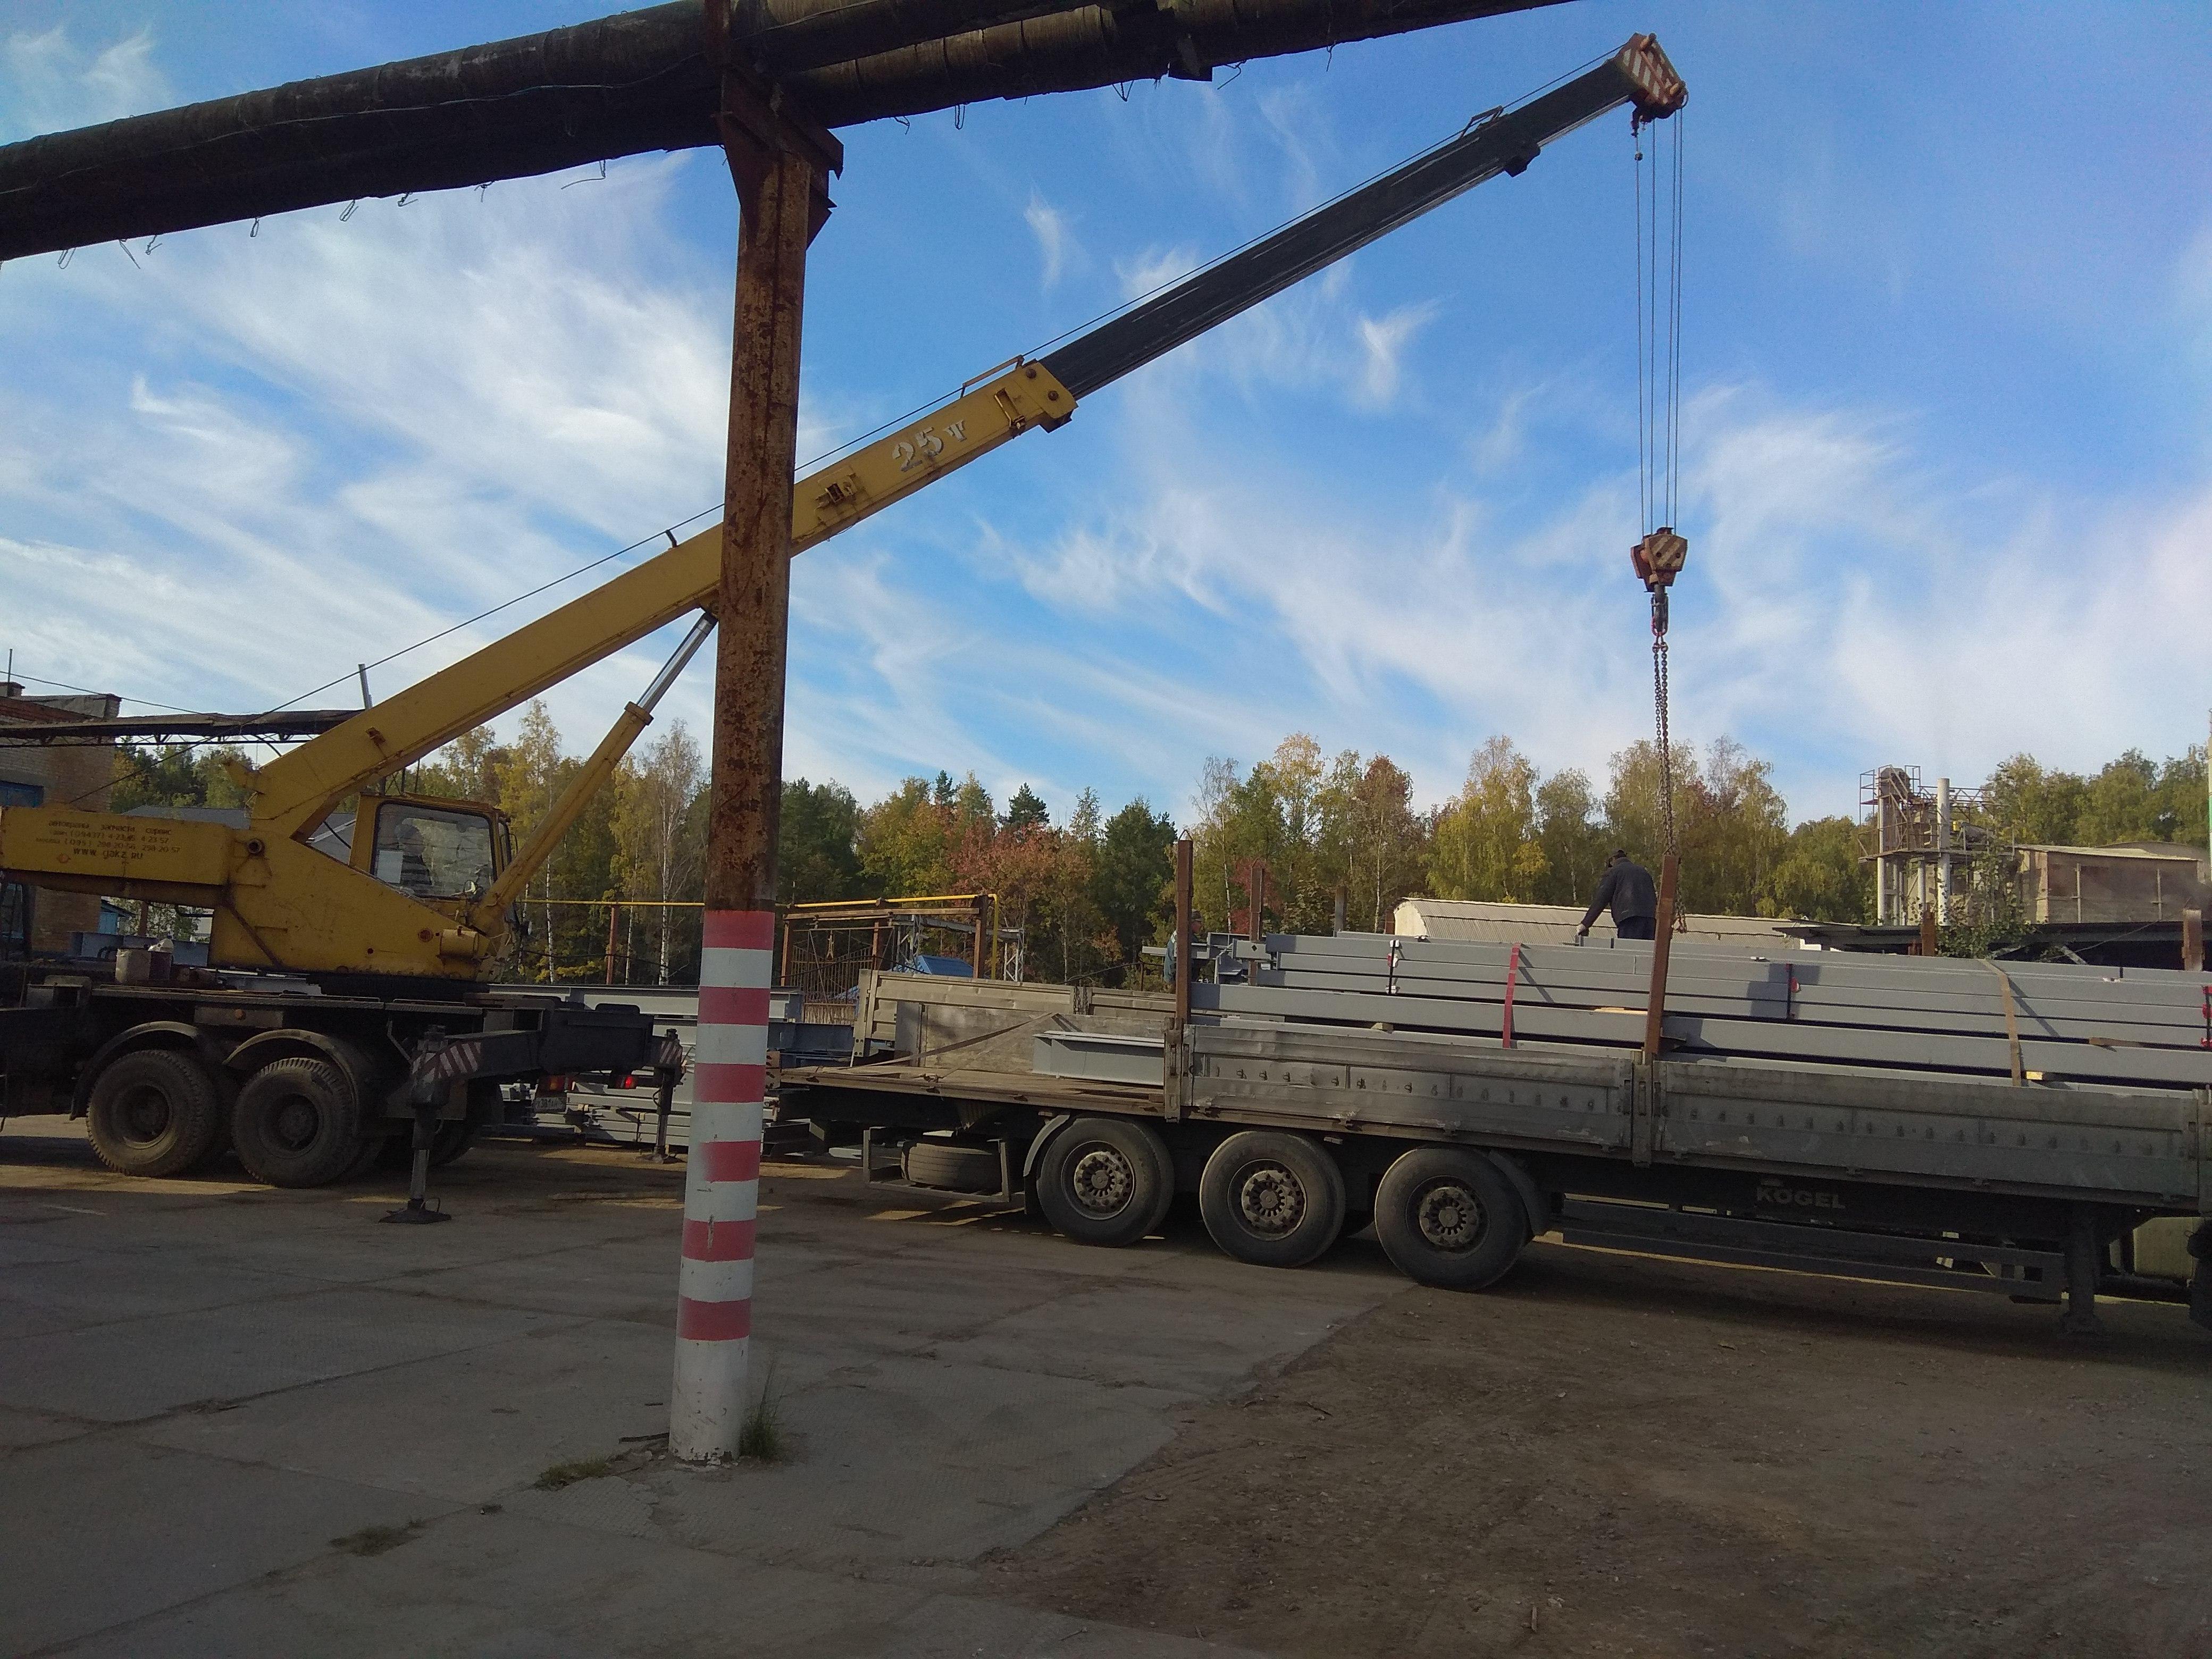 Ногинский ЗМК предлагает услуги по изготовлению металлоконструкций